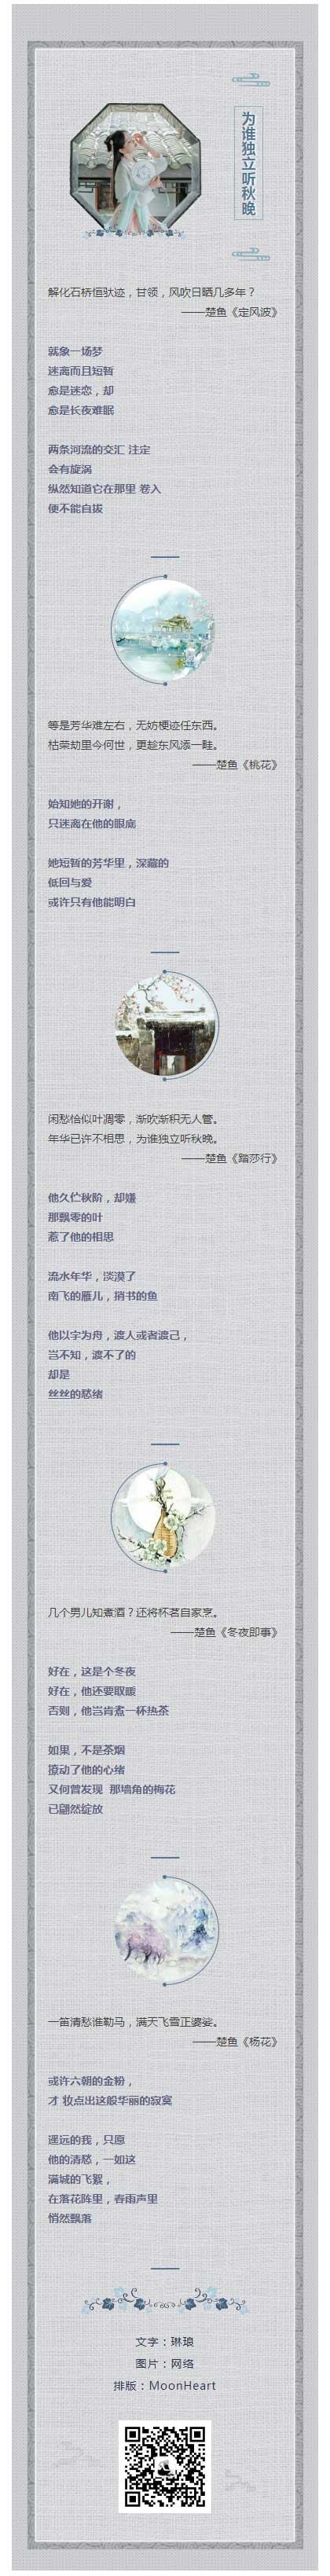 立秋二十四节气中国风诗歌模板微信节日素材